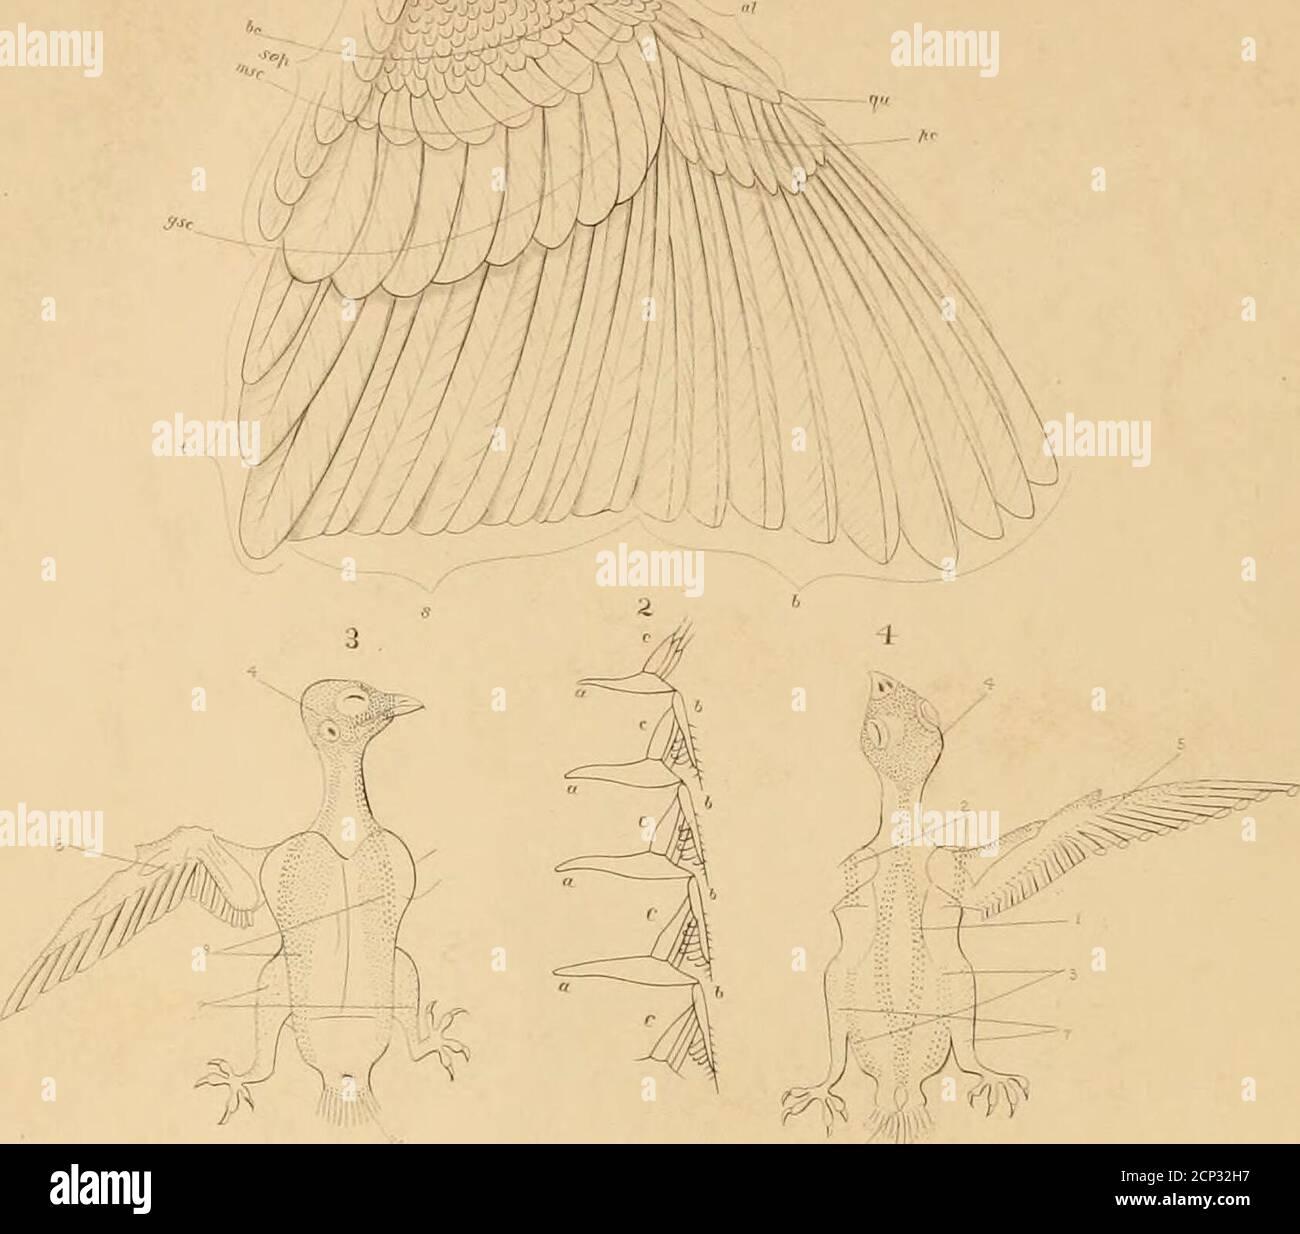 . Clé pour les oiseaux nord-américains; contenant un compte rendu concis de toutes les espèces d'oiseaux vivants et fossiles à l'heure actuelle connues du continent au nord de la frontière mexicaine et des États-Unis . llf m/fjif,:keytonorthameric00cou Banque D'Images